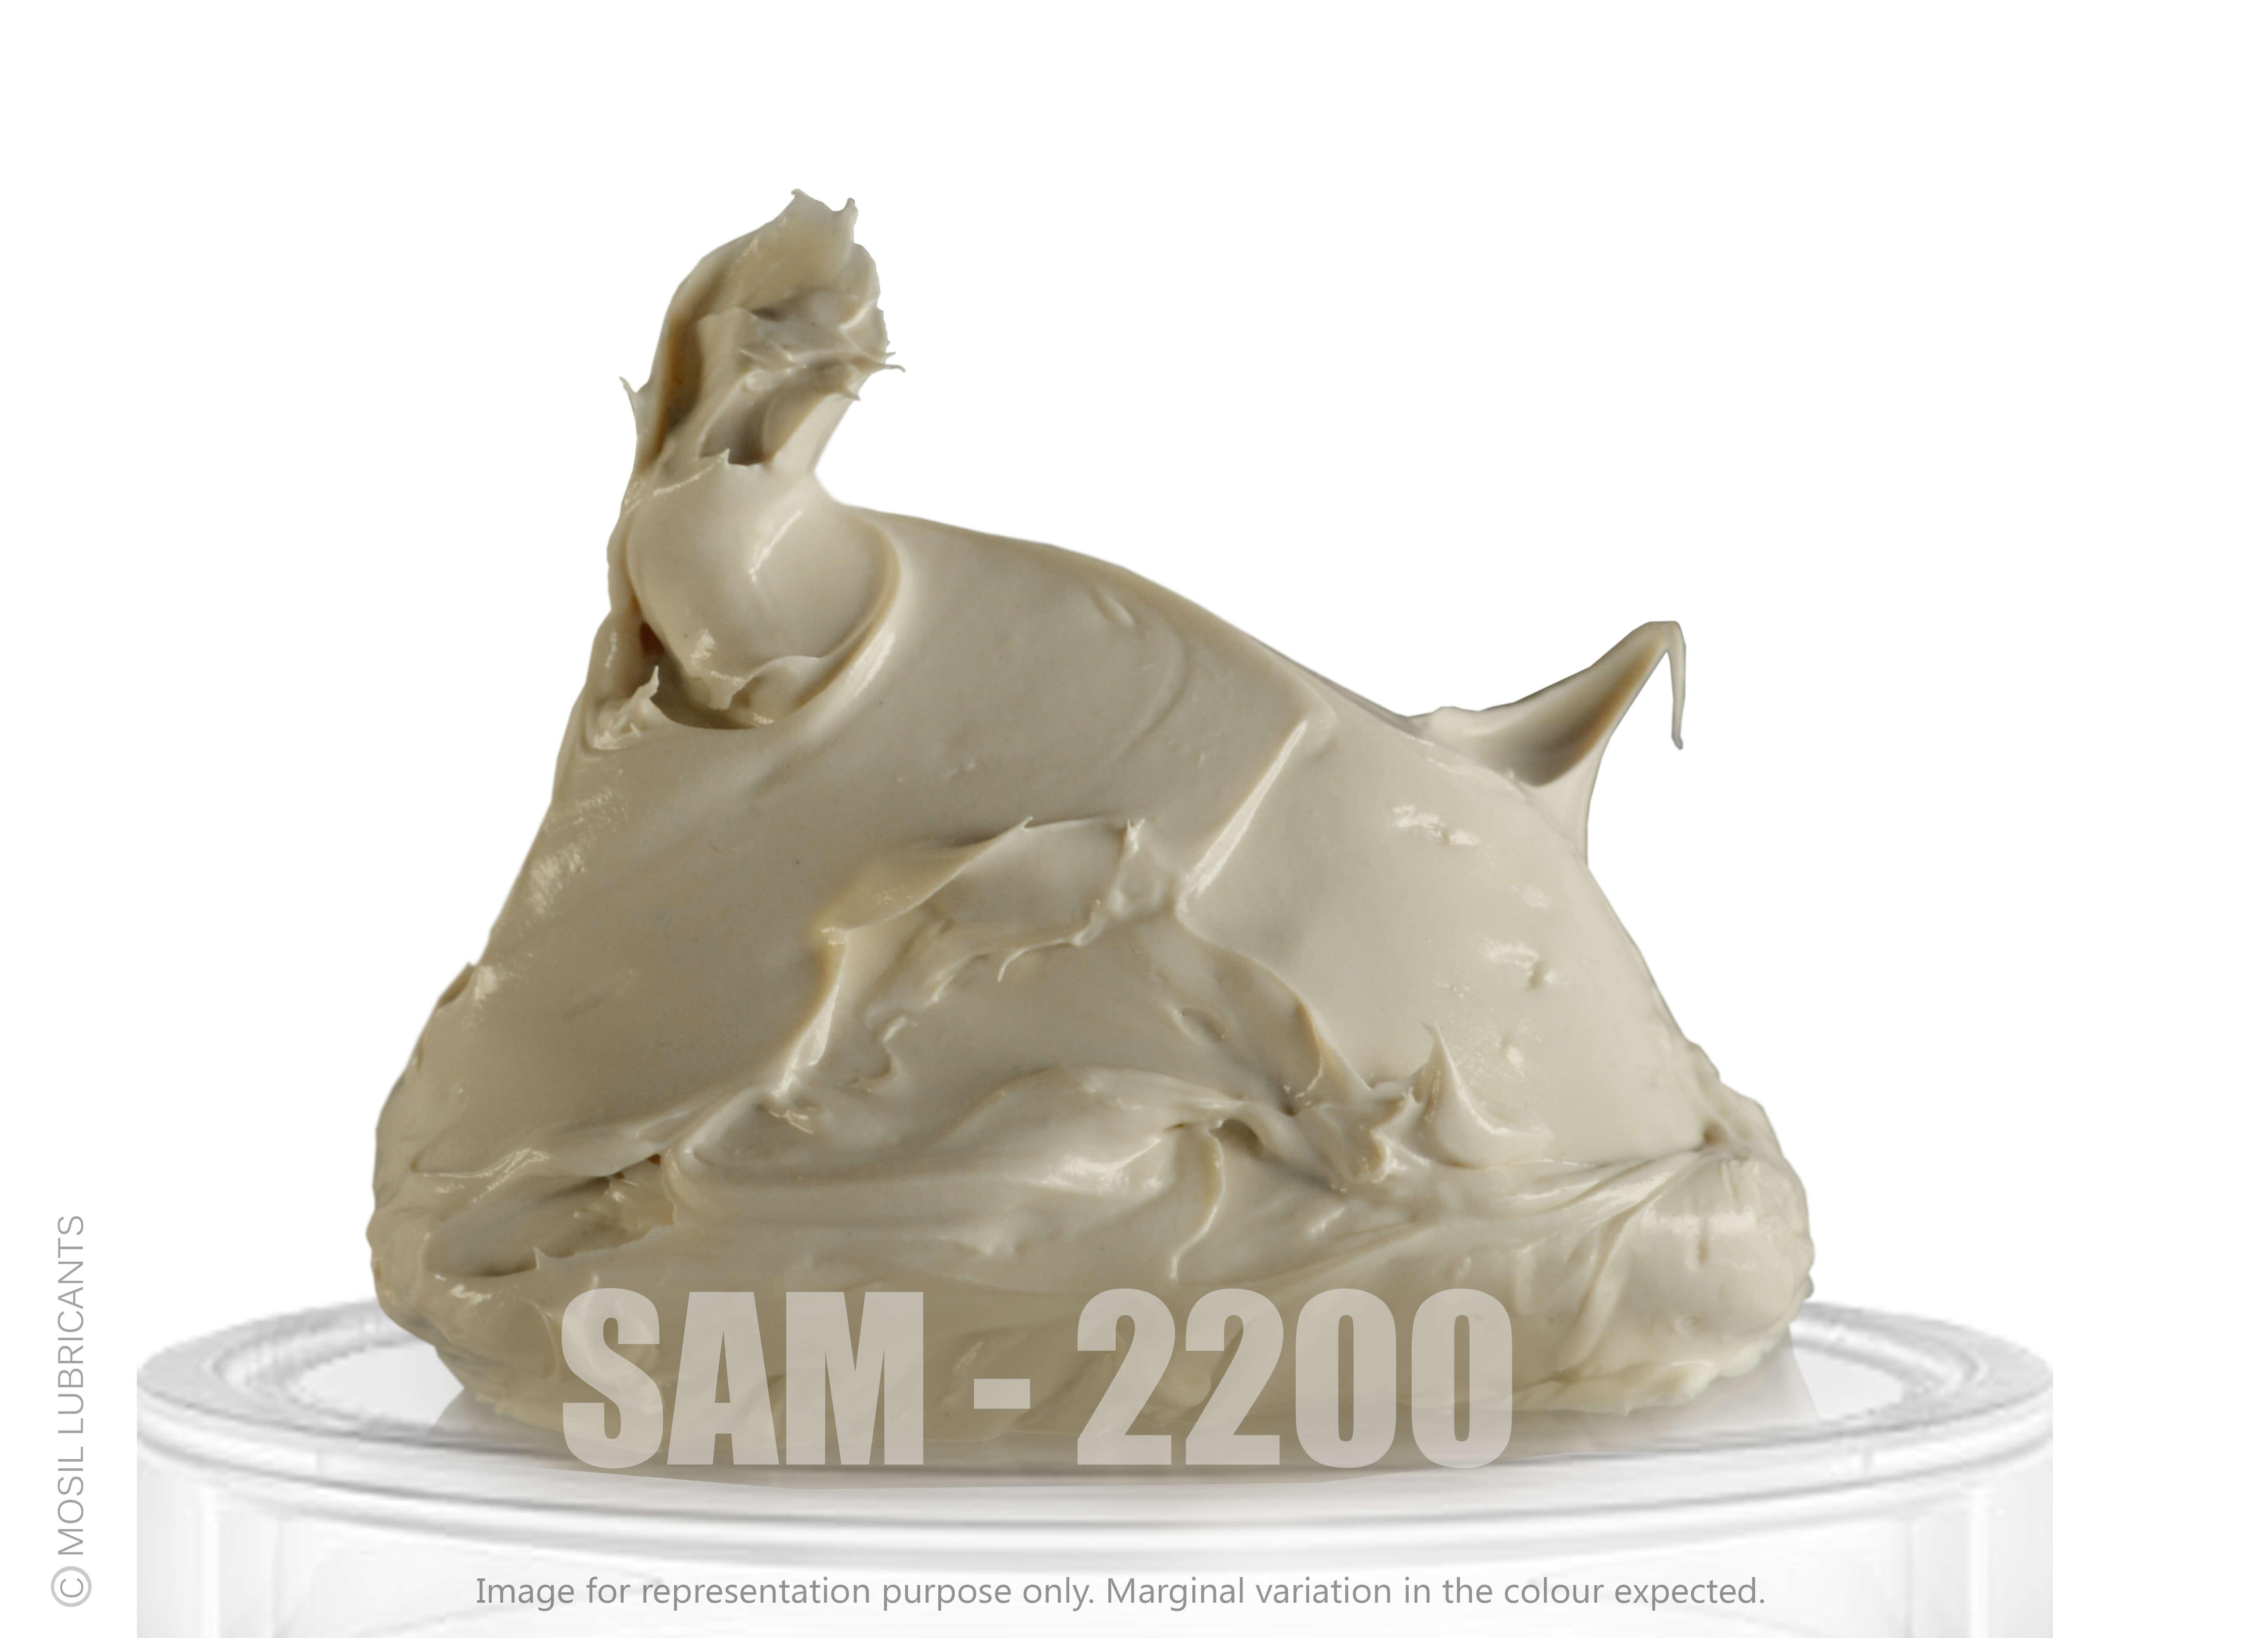 SAM - 2200